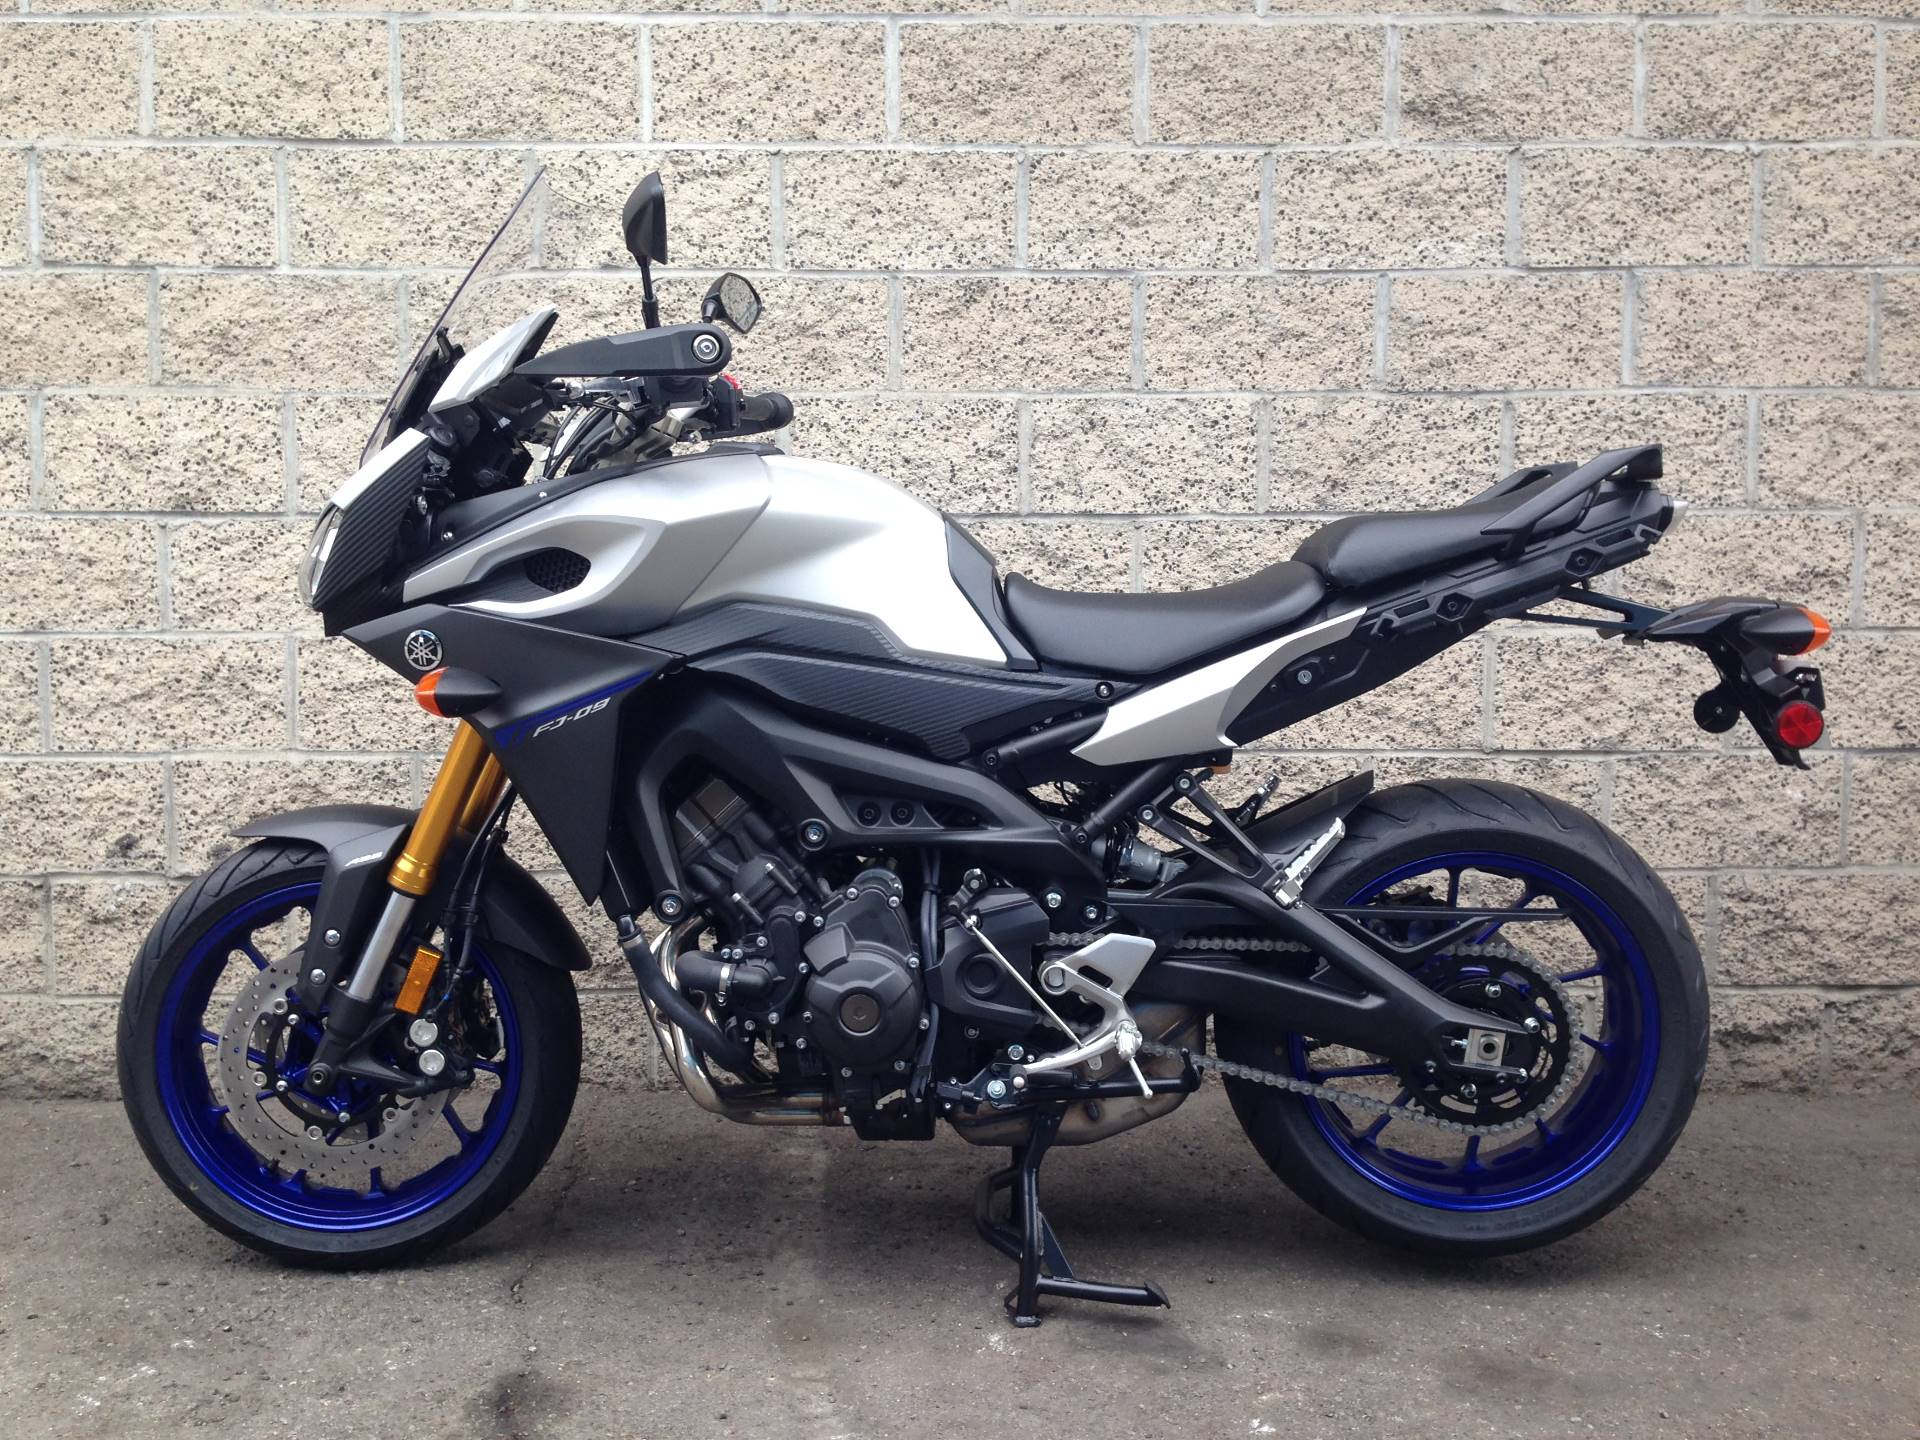 2016 Yamaha FJ-09 4